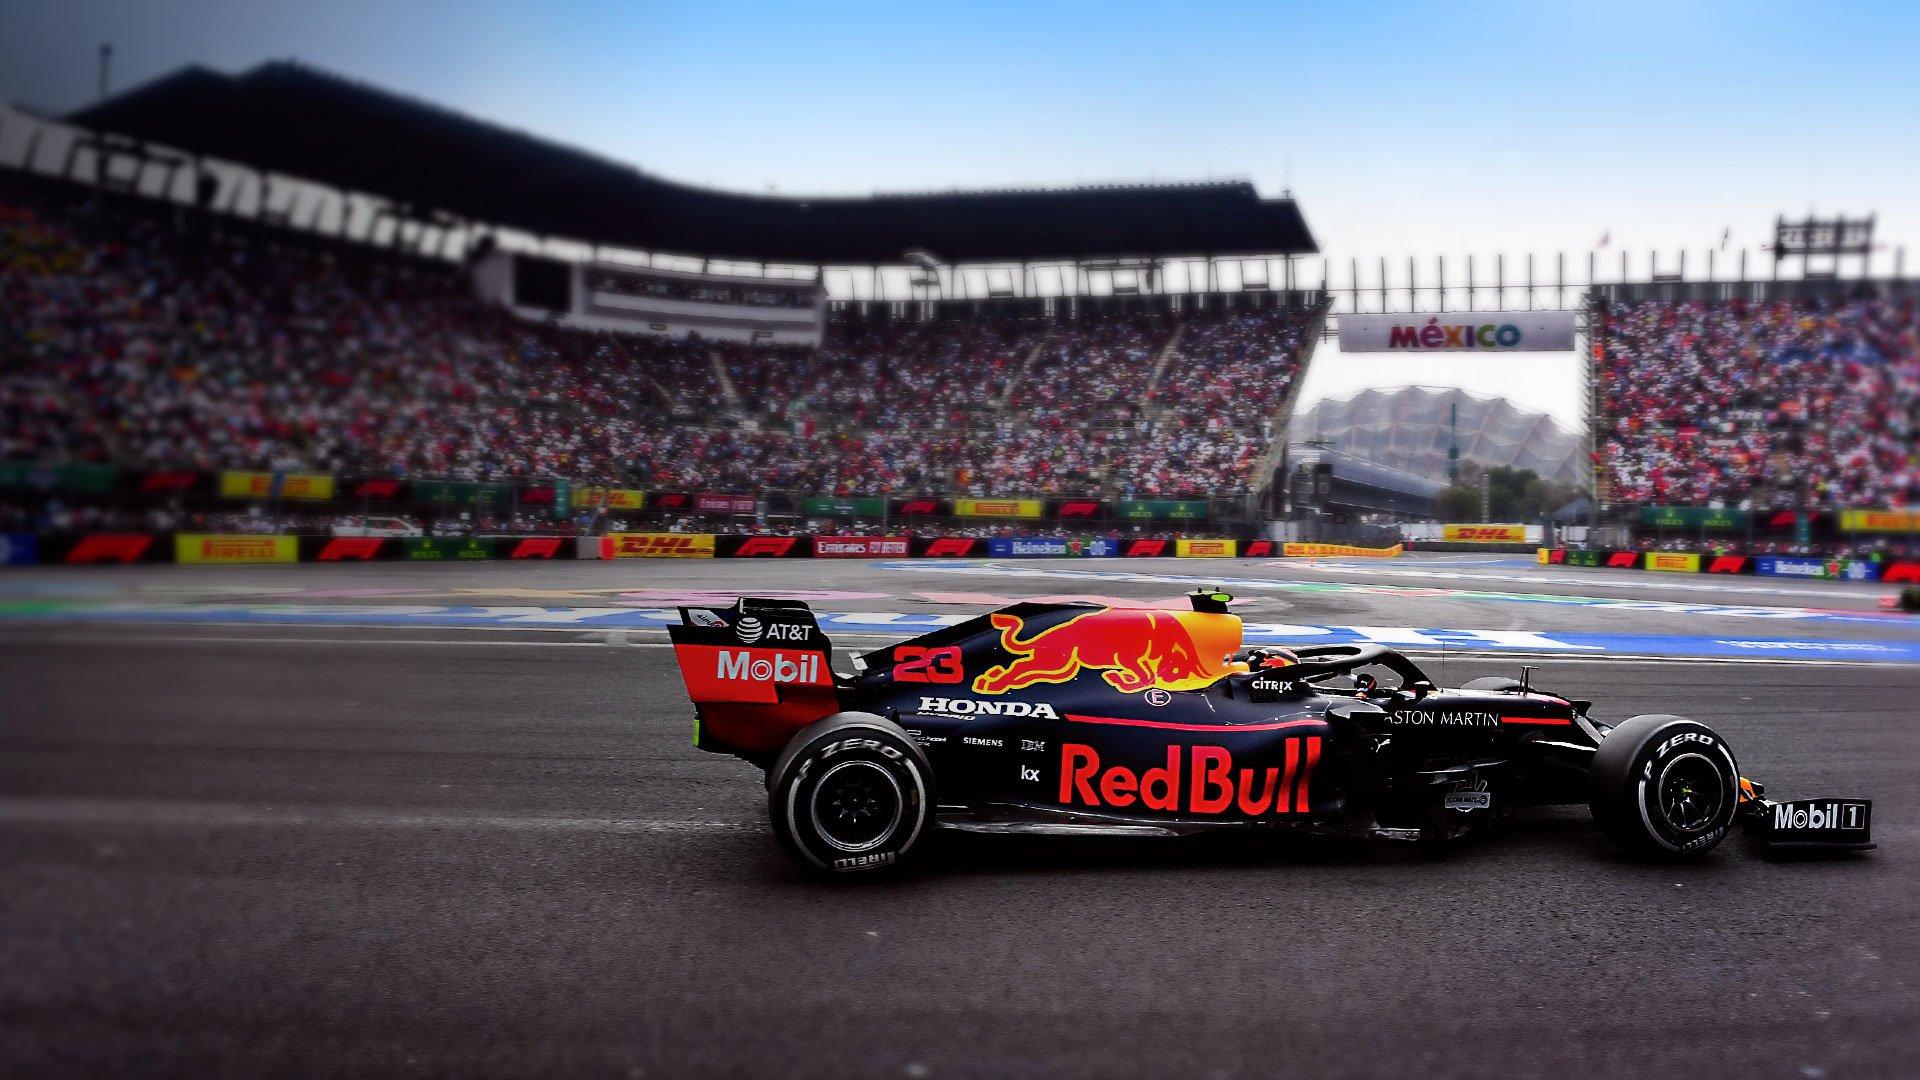 FIA GP Mexico 2020